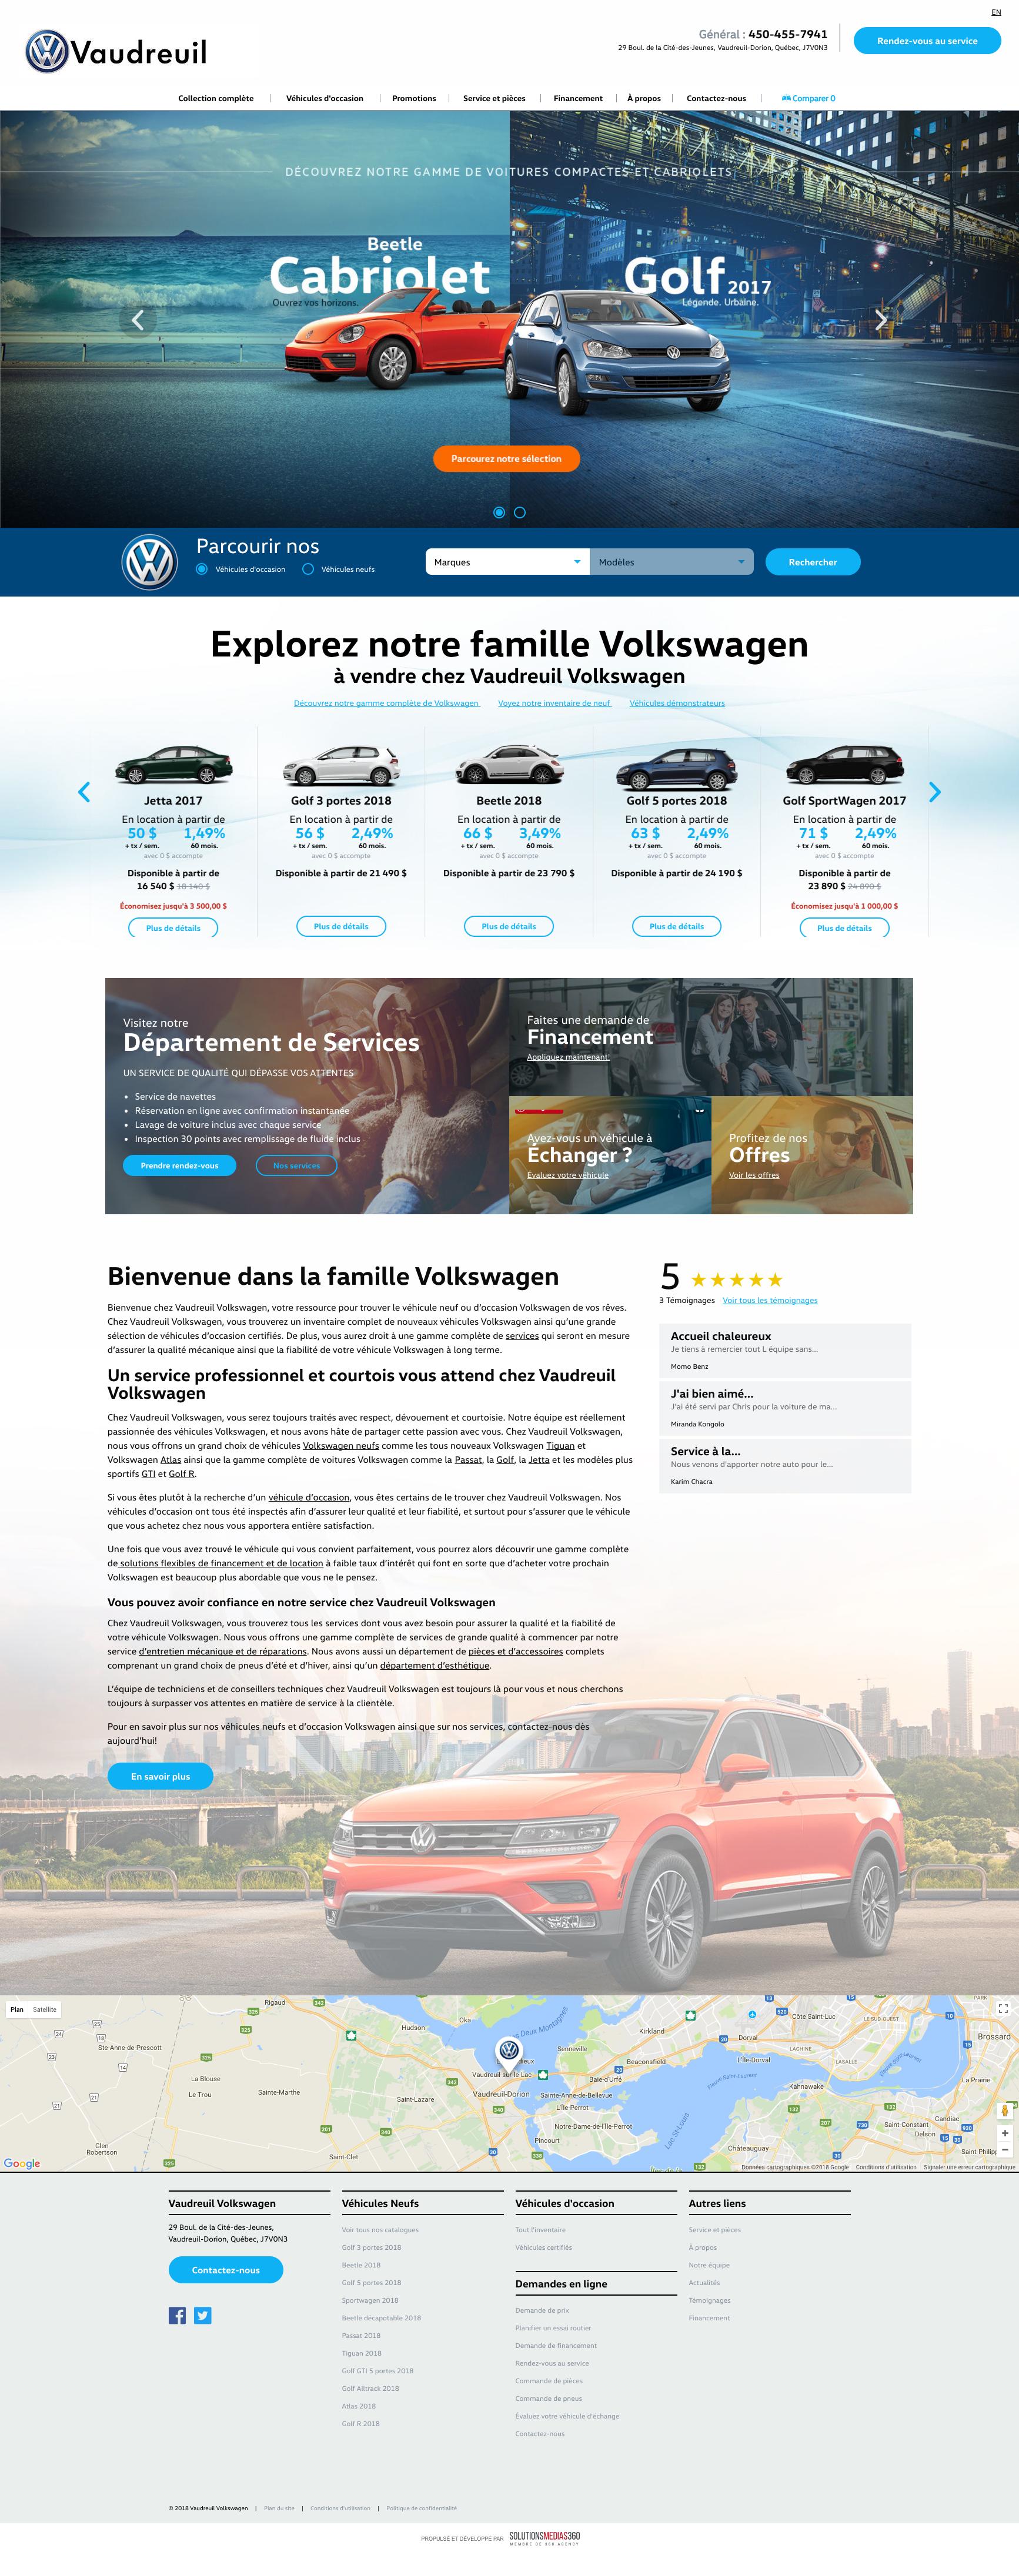 Best Promotional Design For Car Dealers Get Inspired Today Webdesign Design Graphicdesign Car W Promotional Design Web Design Inspiration Website Design